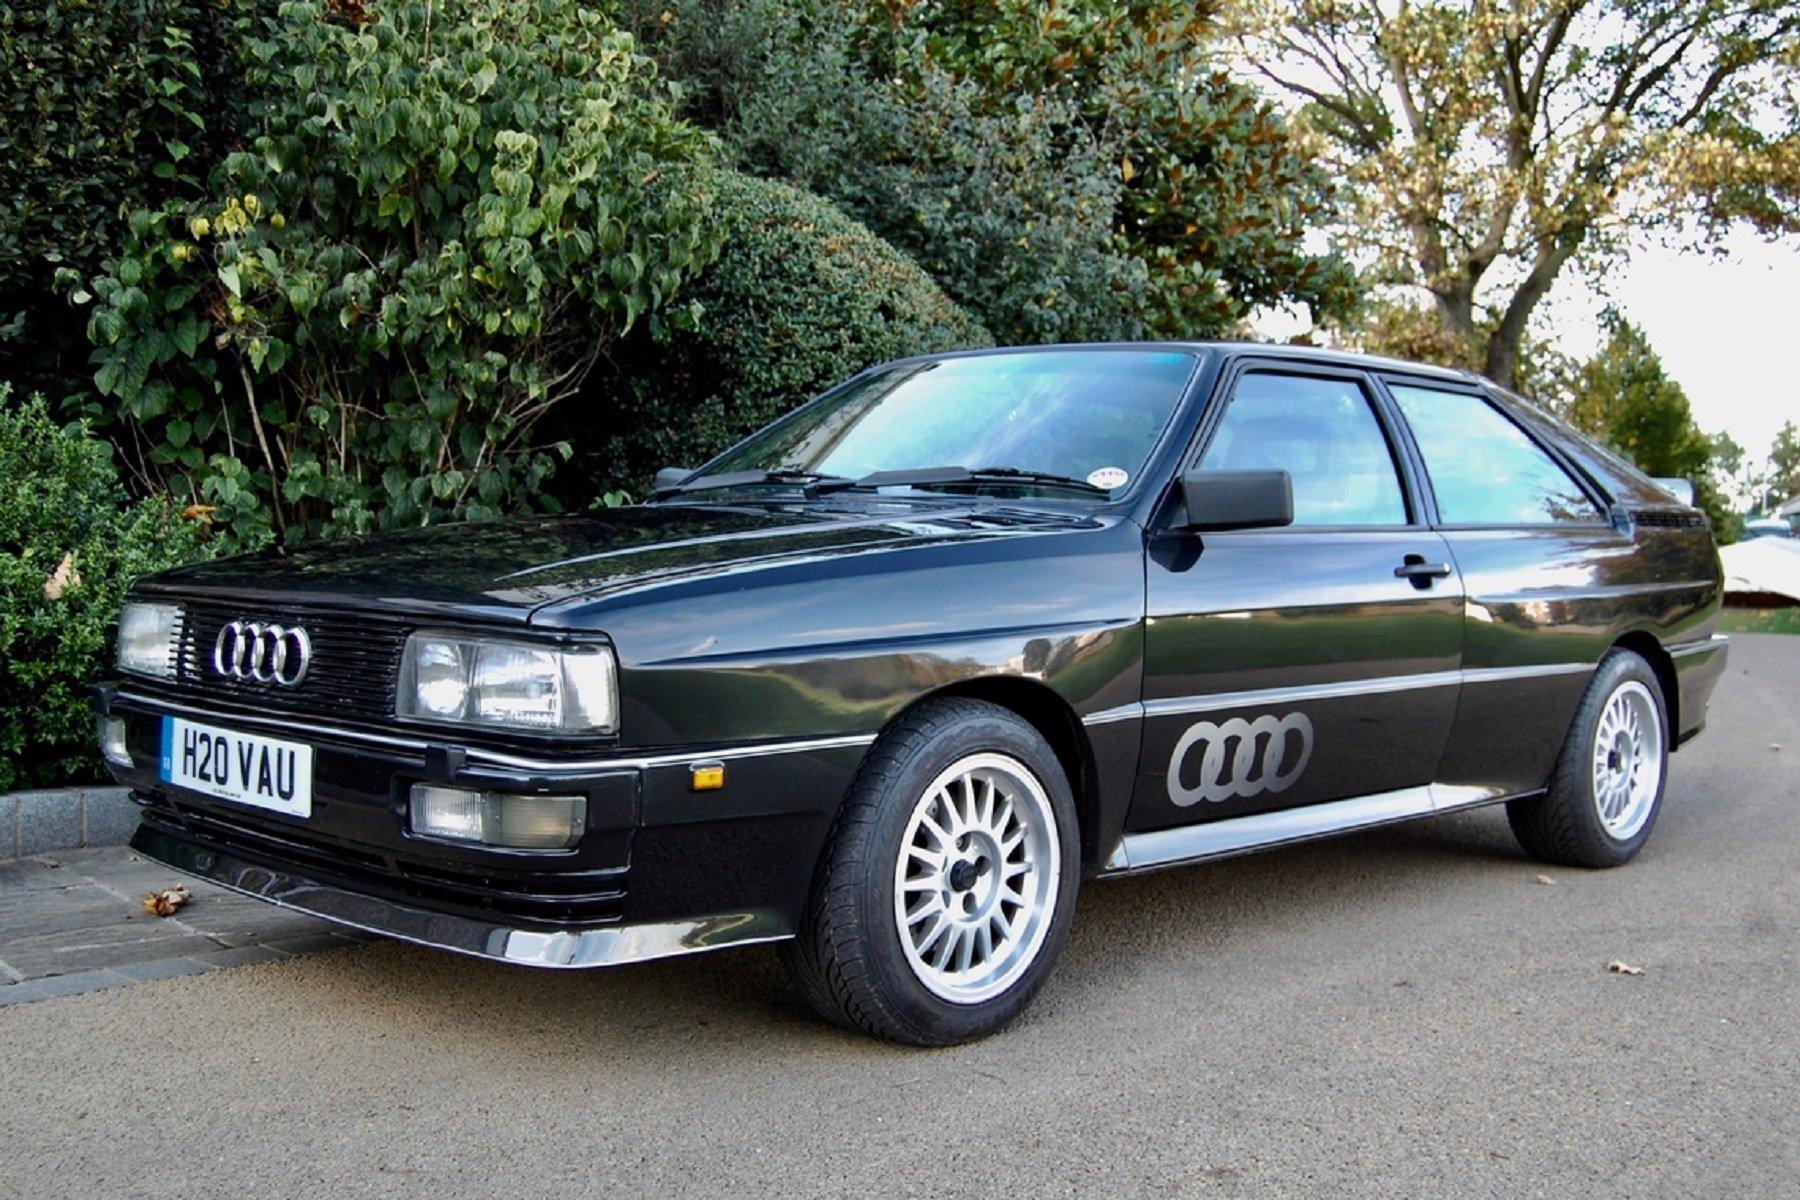 Kelebihan Kekurangan Audi Quattro 1980 Top Model Tahun Ini